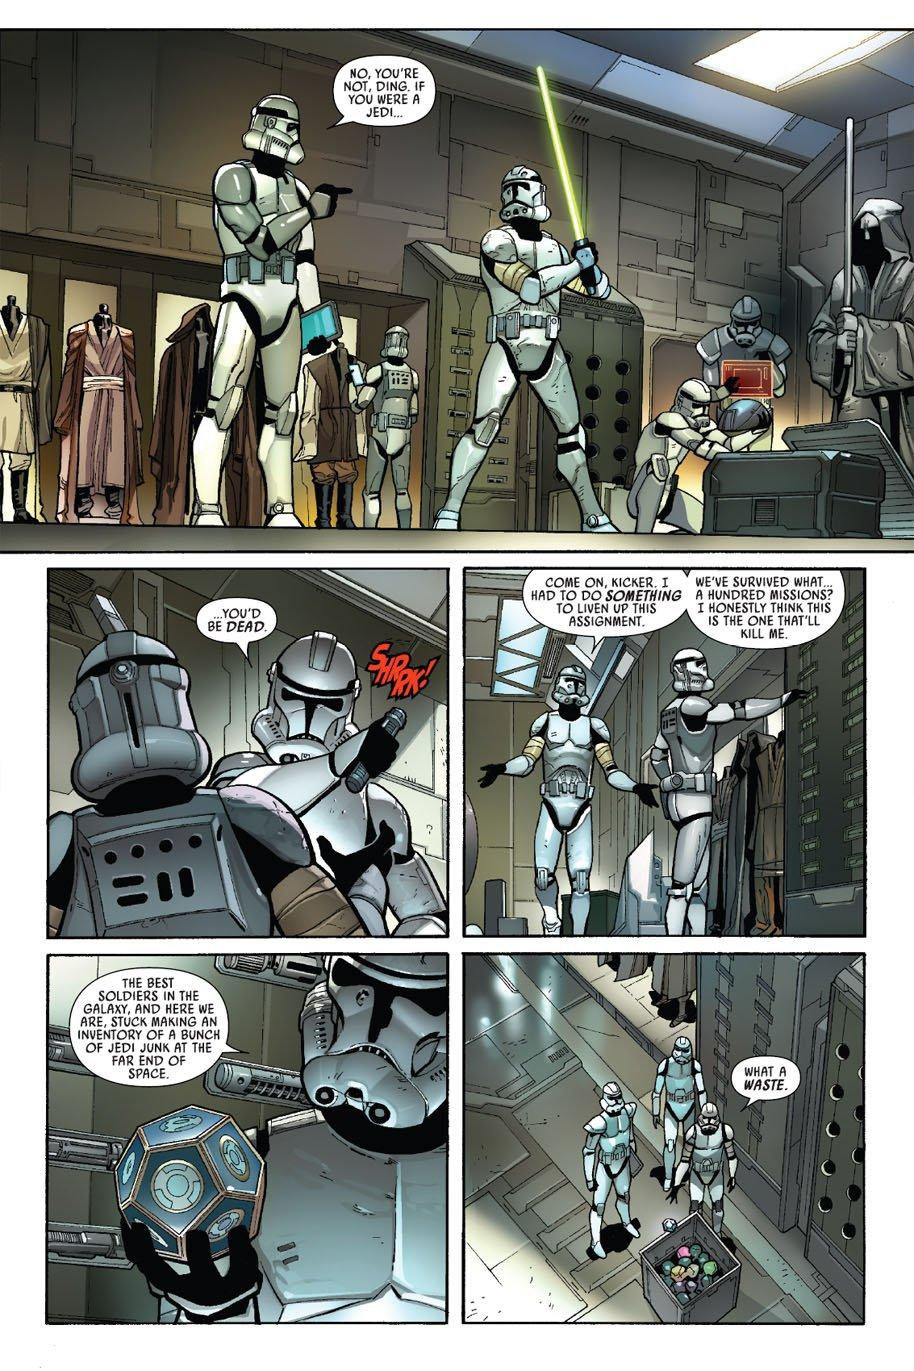 Comics Star Wars Darth Vader 2 Preview Naboo News